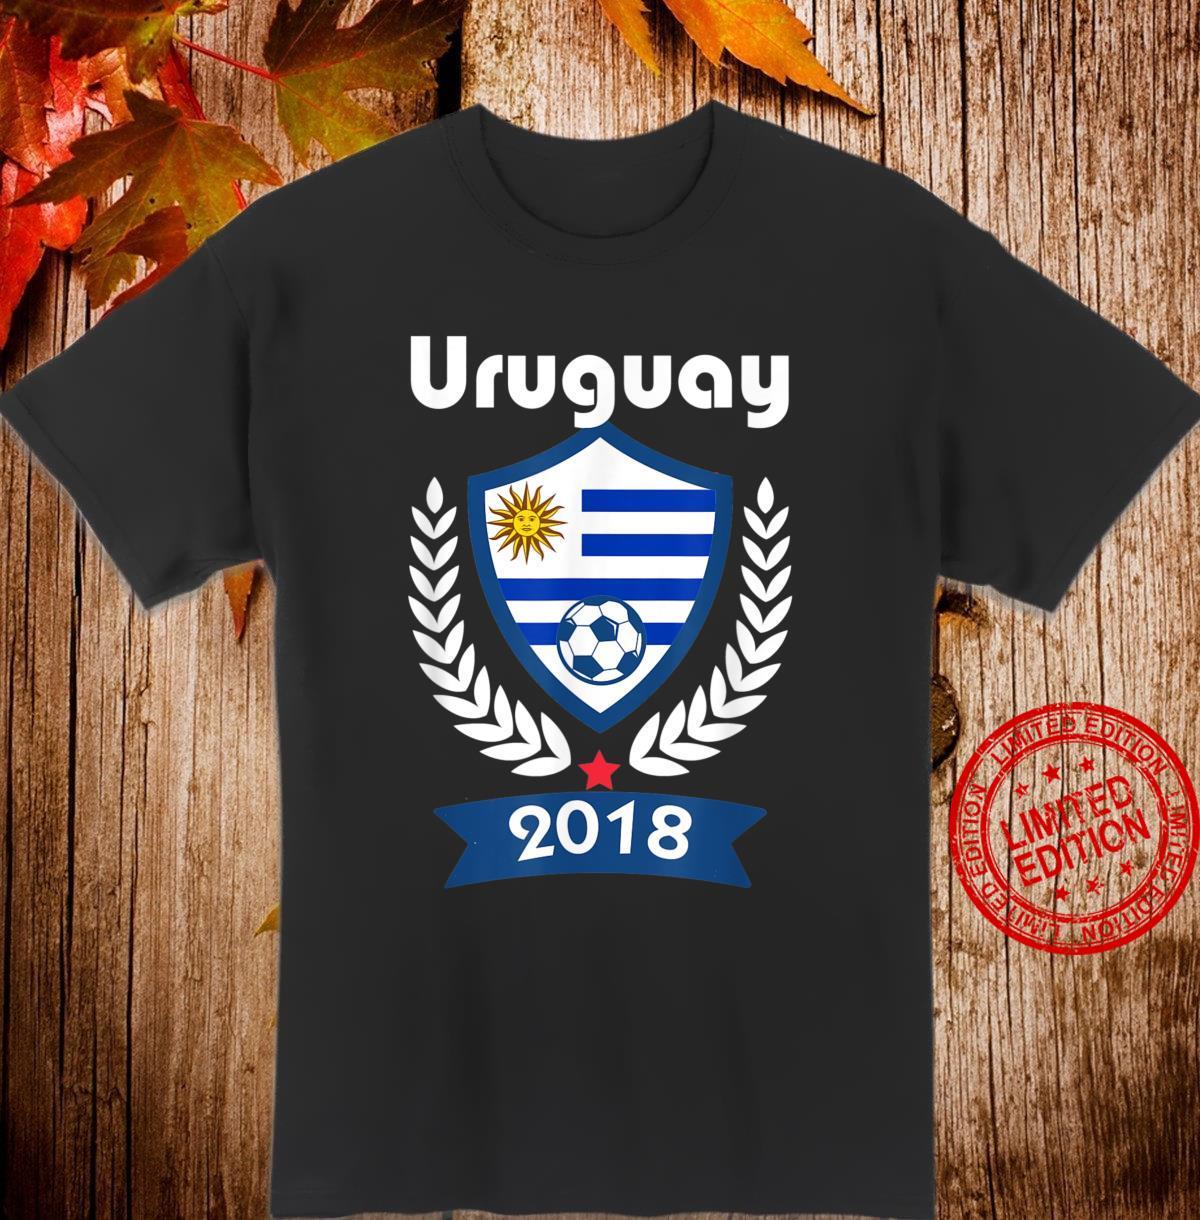 Uruguay Soccer shirt Team Uruguay 2018 Football Shirt